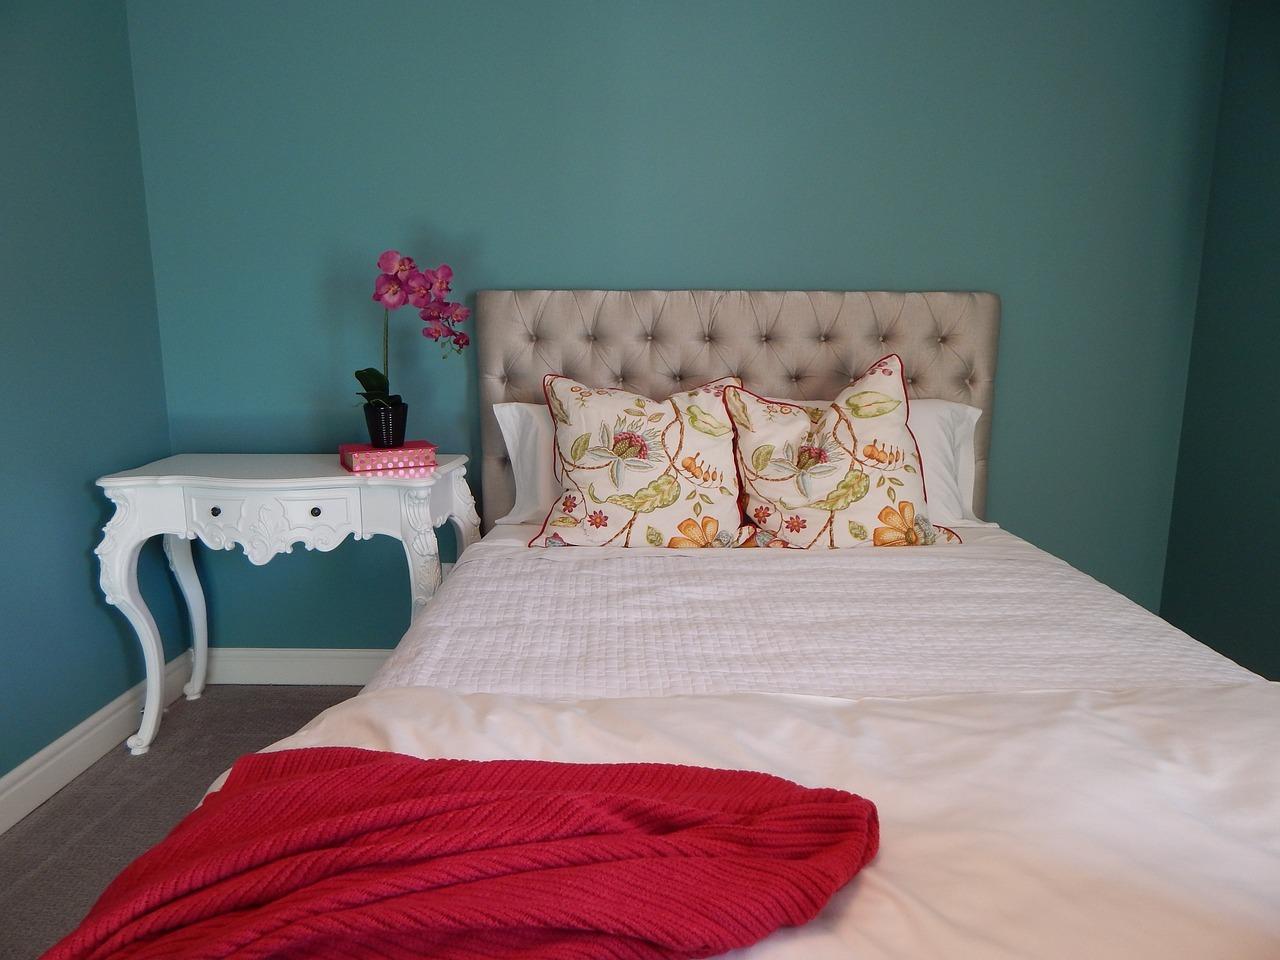 Welche Farben Für Guten Schlaf Sorgen. Grün Vermittelt Naturverbundenheit  Und Funktioniert Gut In Kombination Mit Holzmöbeln.